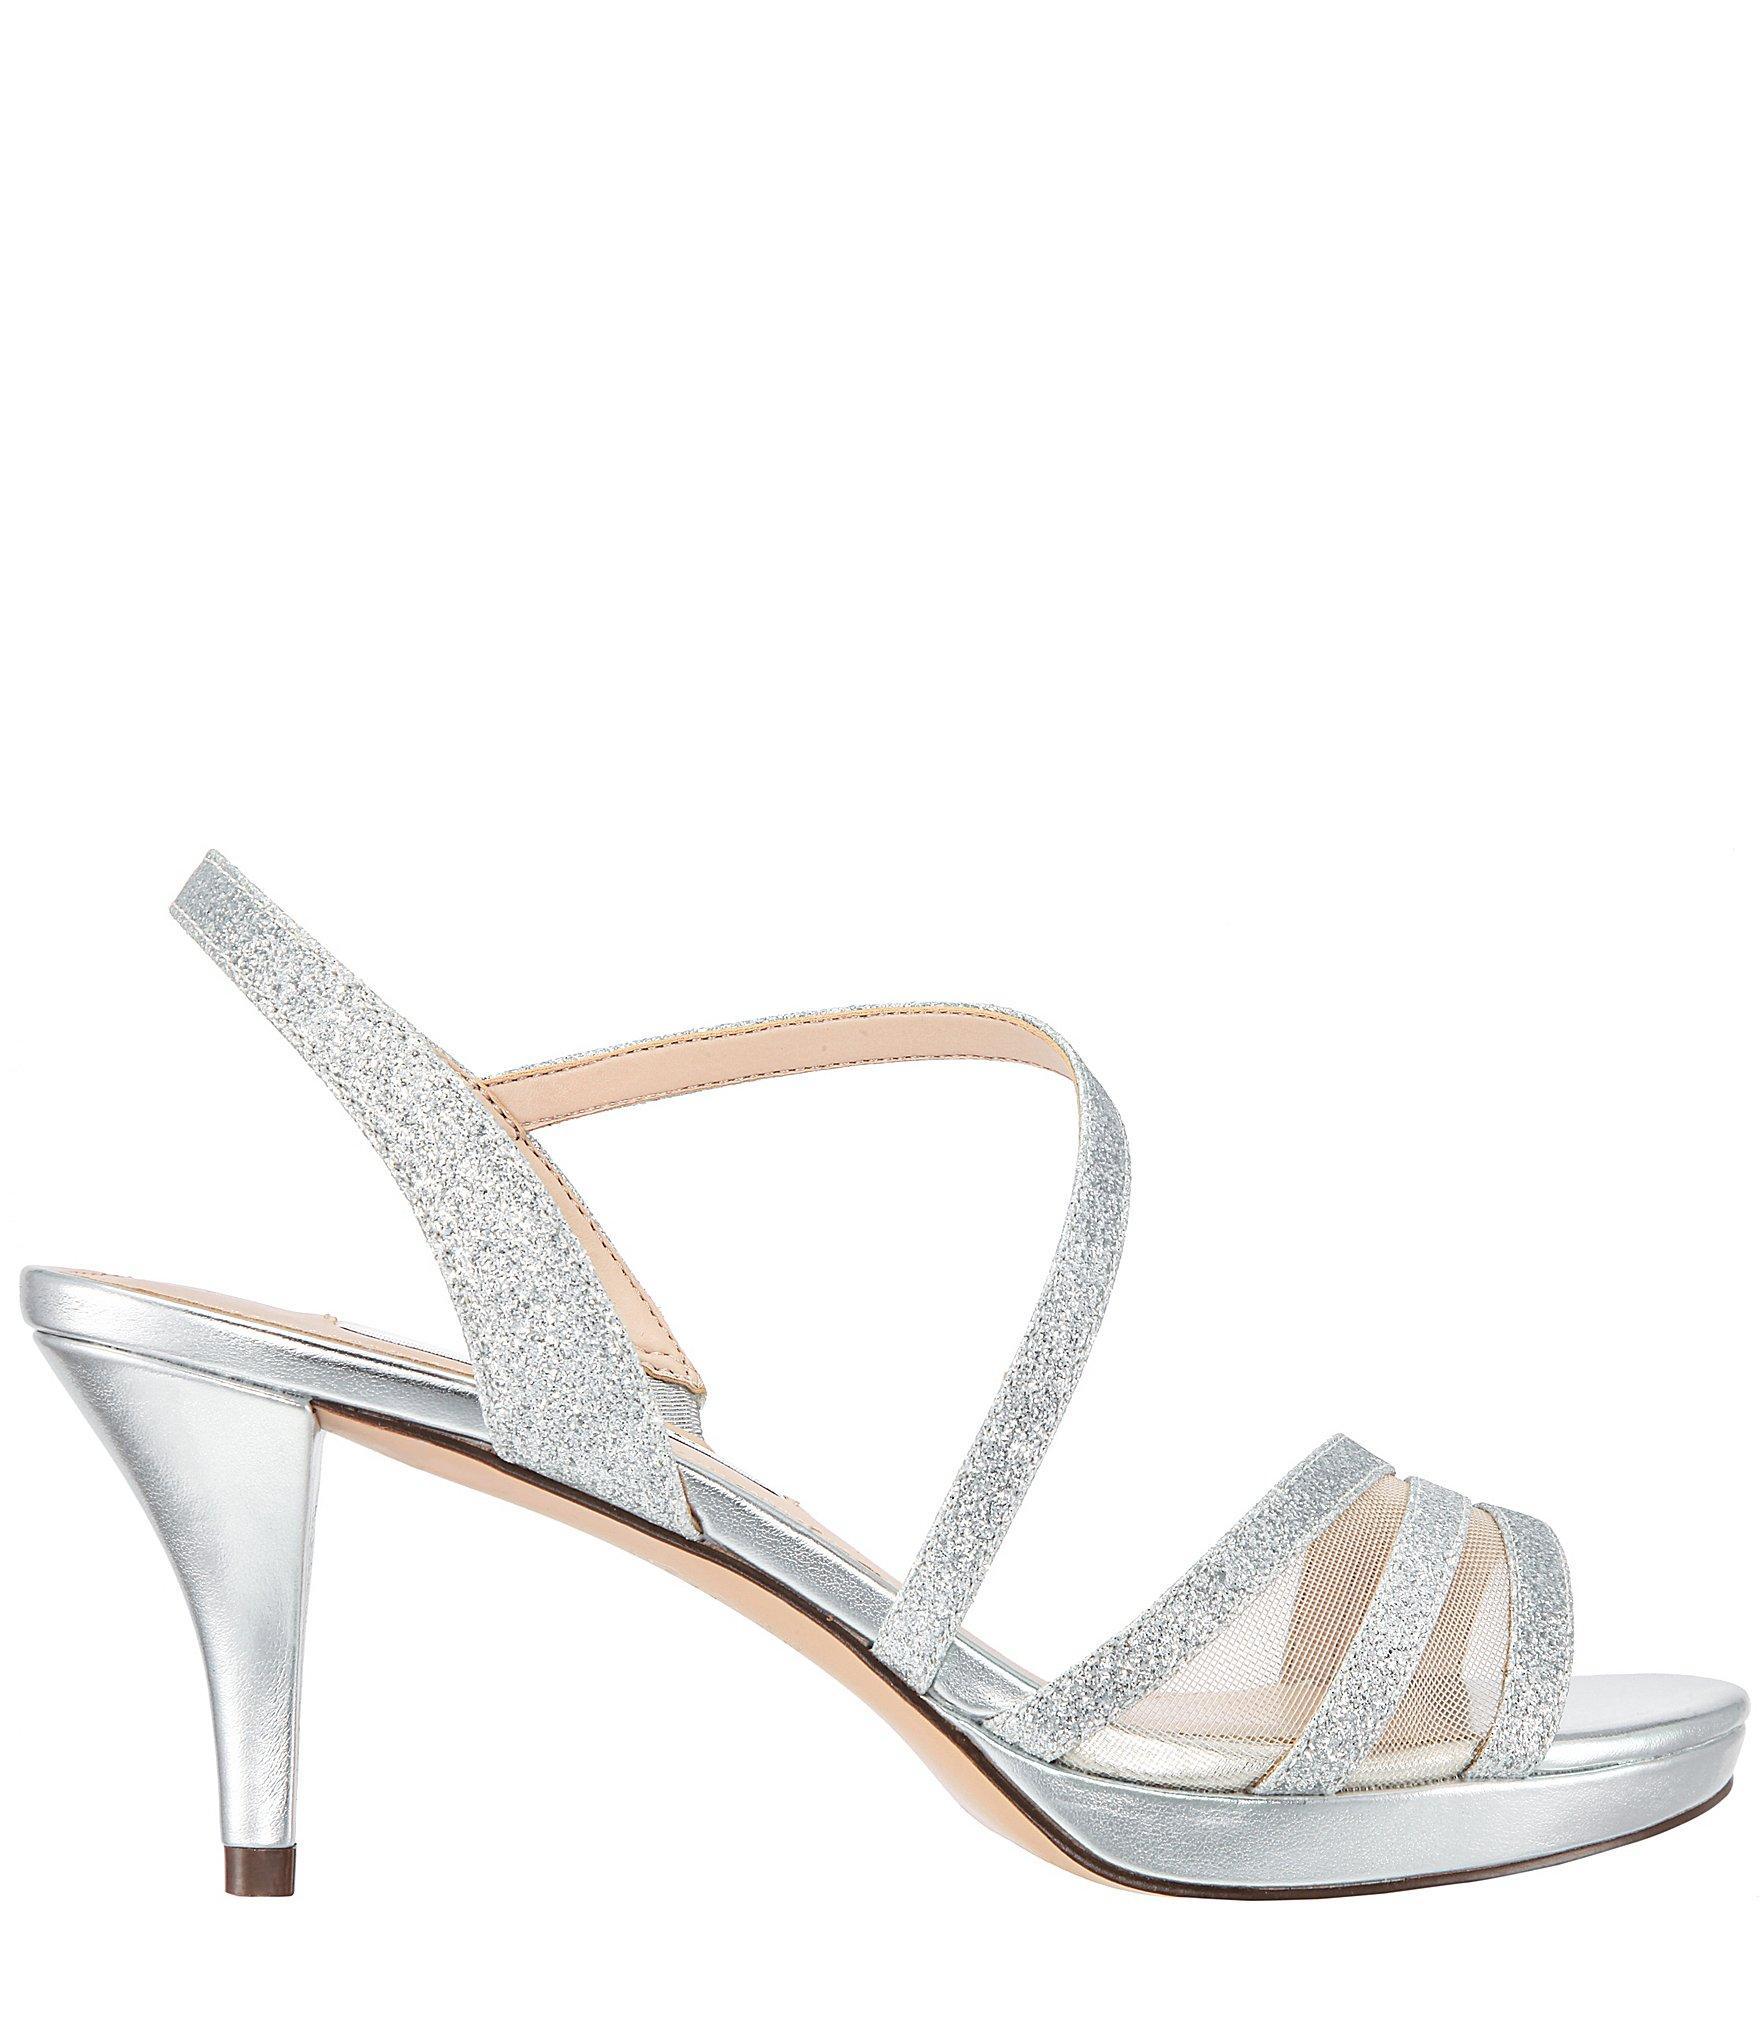 b704bed294b Nina - Metallic Nazima Glitter Strappy Dress Sandals - Lyst. View fullscreen